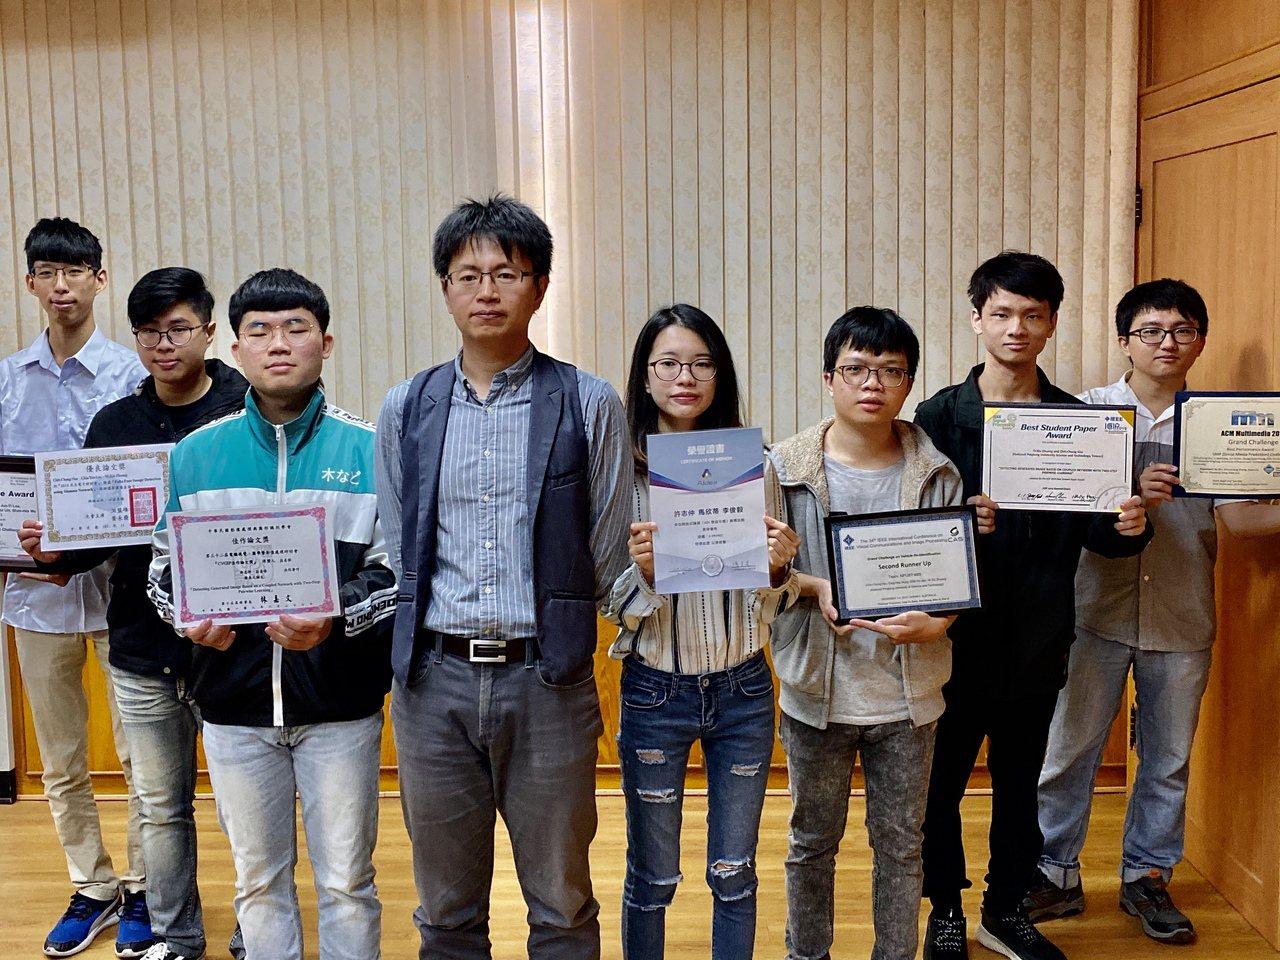 屏科大資管系前瞻視覺實驗室,屢獲國際大獎,顛覆學界印象。記者江國豪/攝影